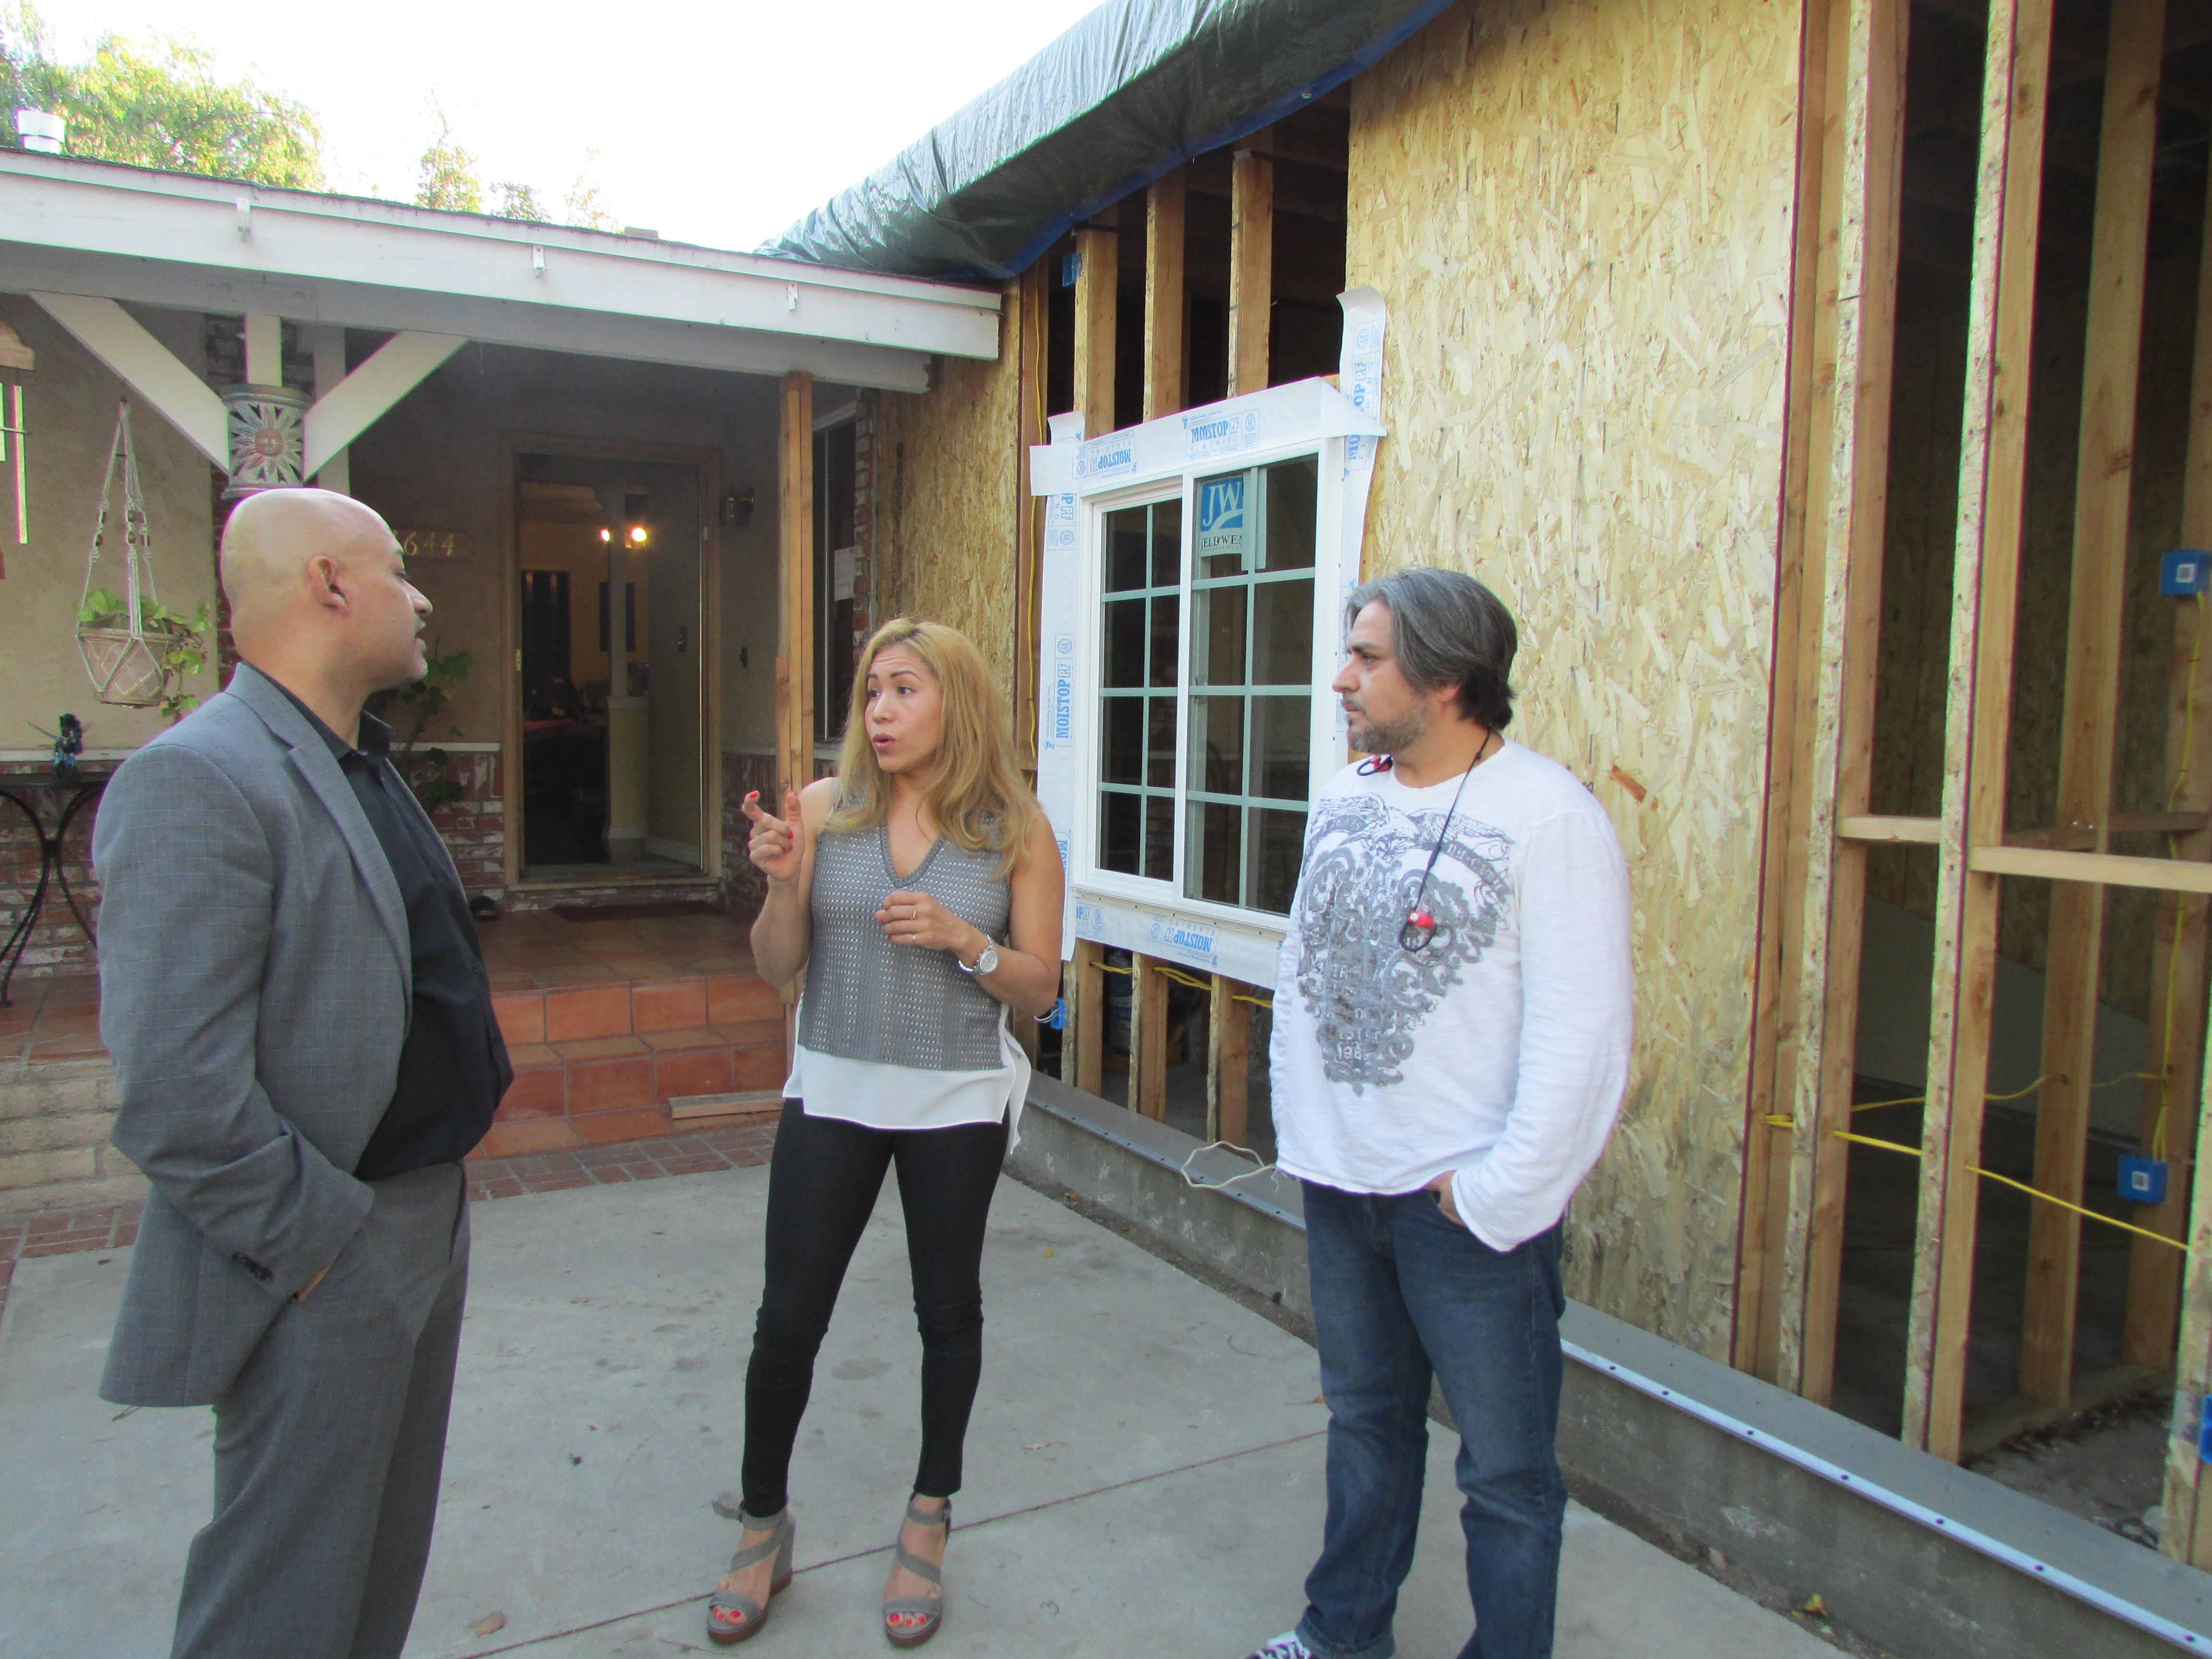 José Feliciano, Jorge Hernández y Dora Zuniga discuten posibles soluciones a la estafa sufrida cuando pretendían convertir sus garajes en departamentos. (Araceli Martínez/La Opinión).